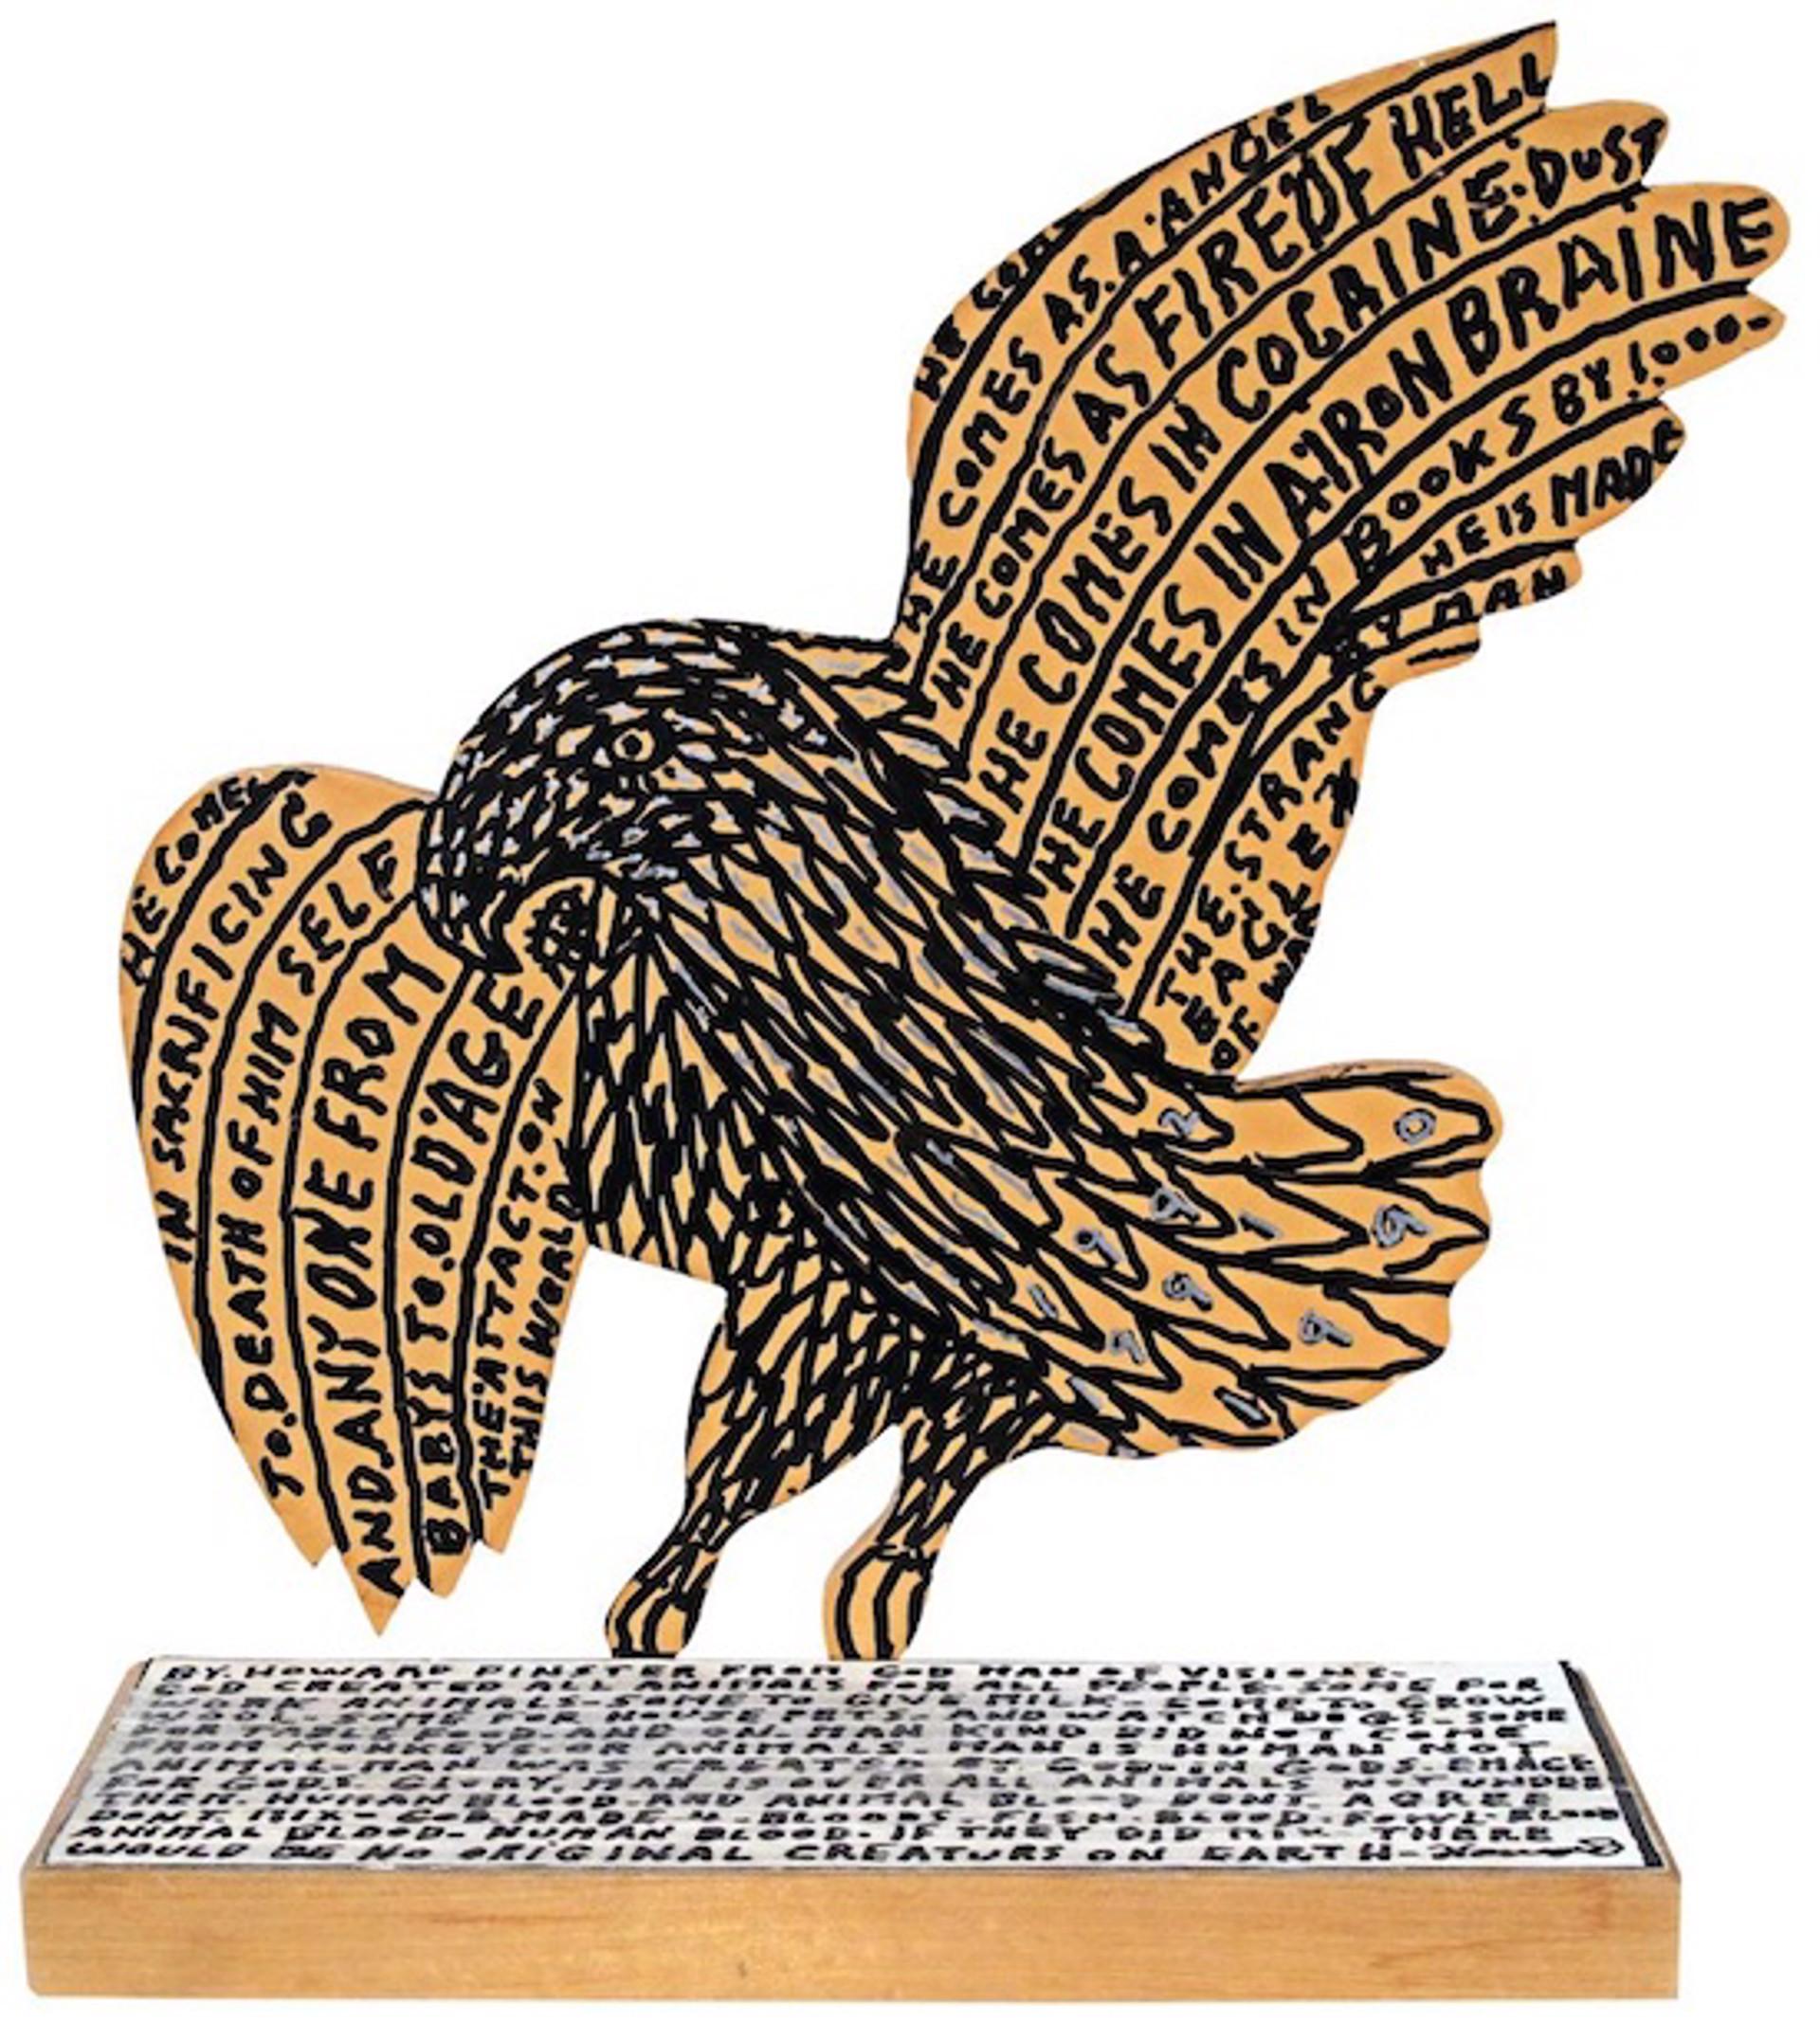 War Eagle by Howard Finster